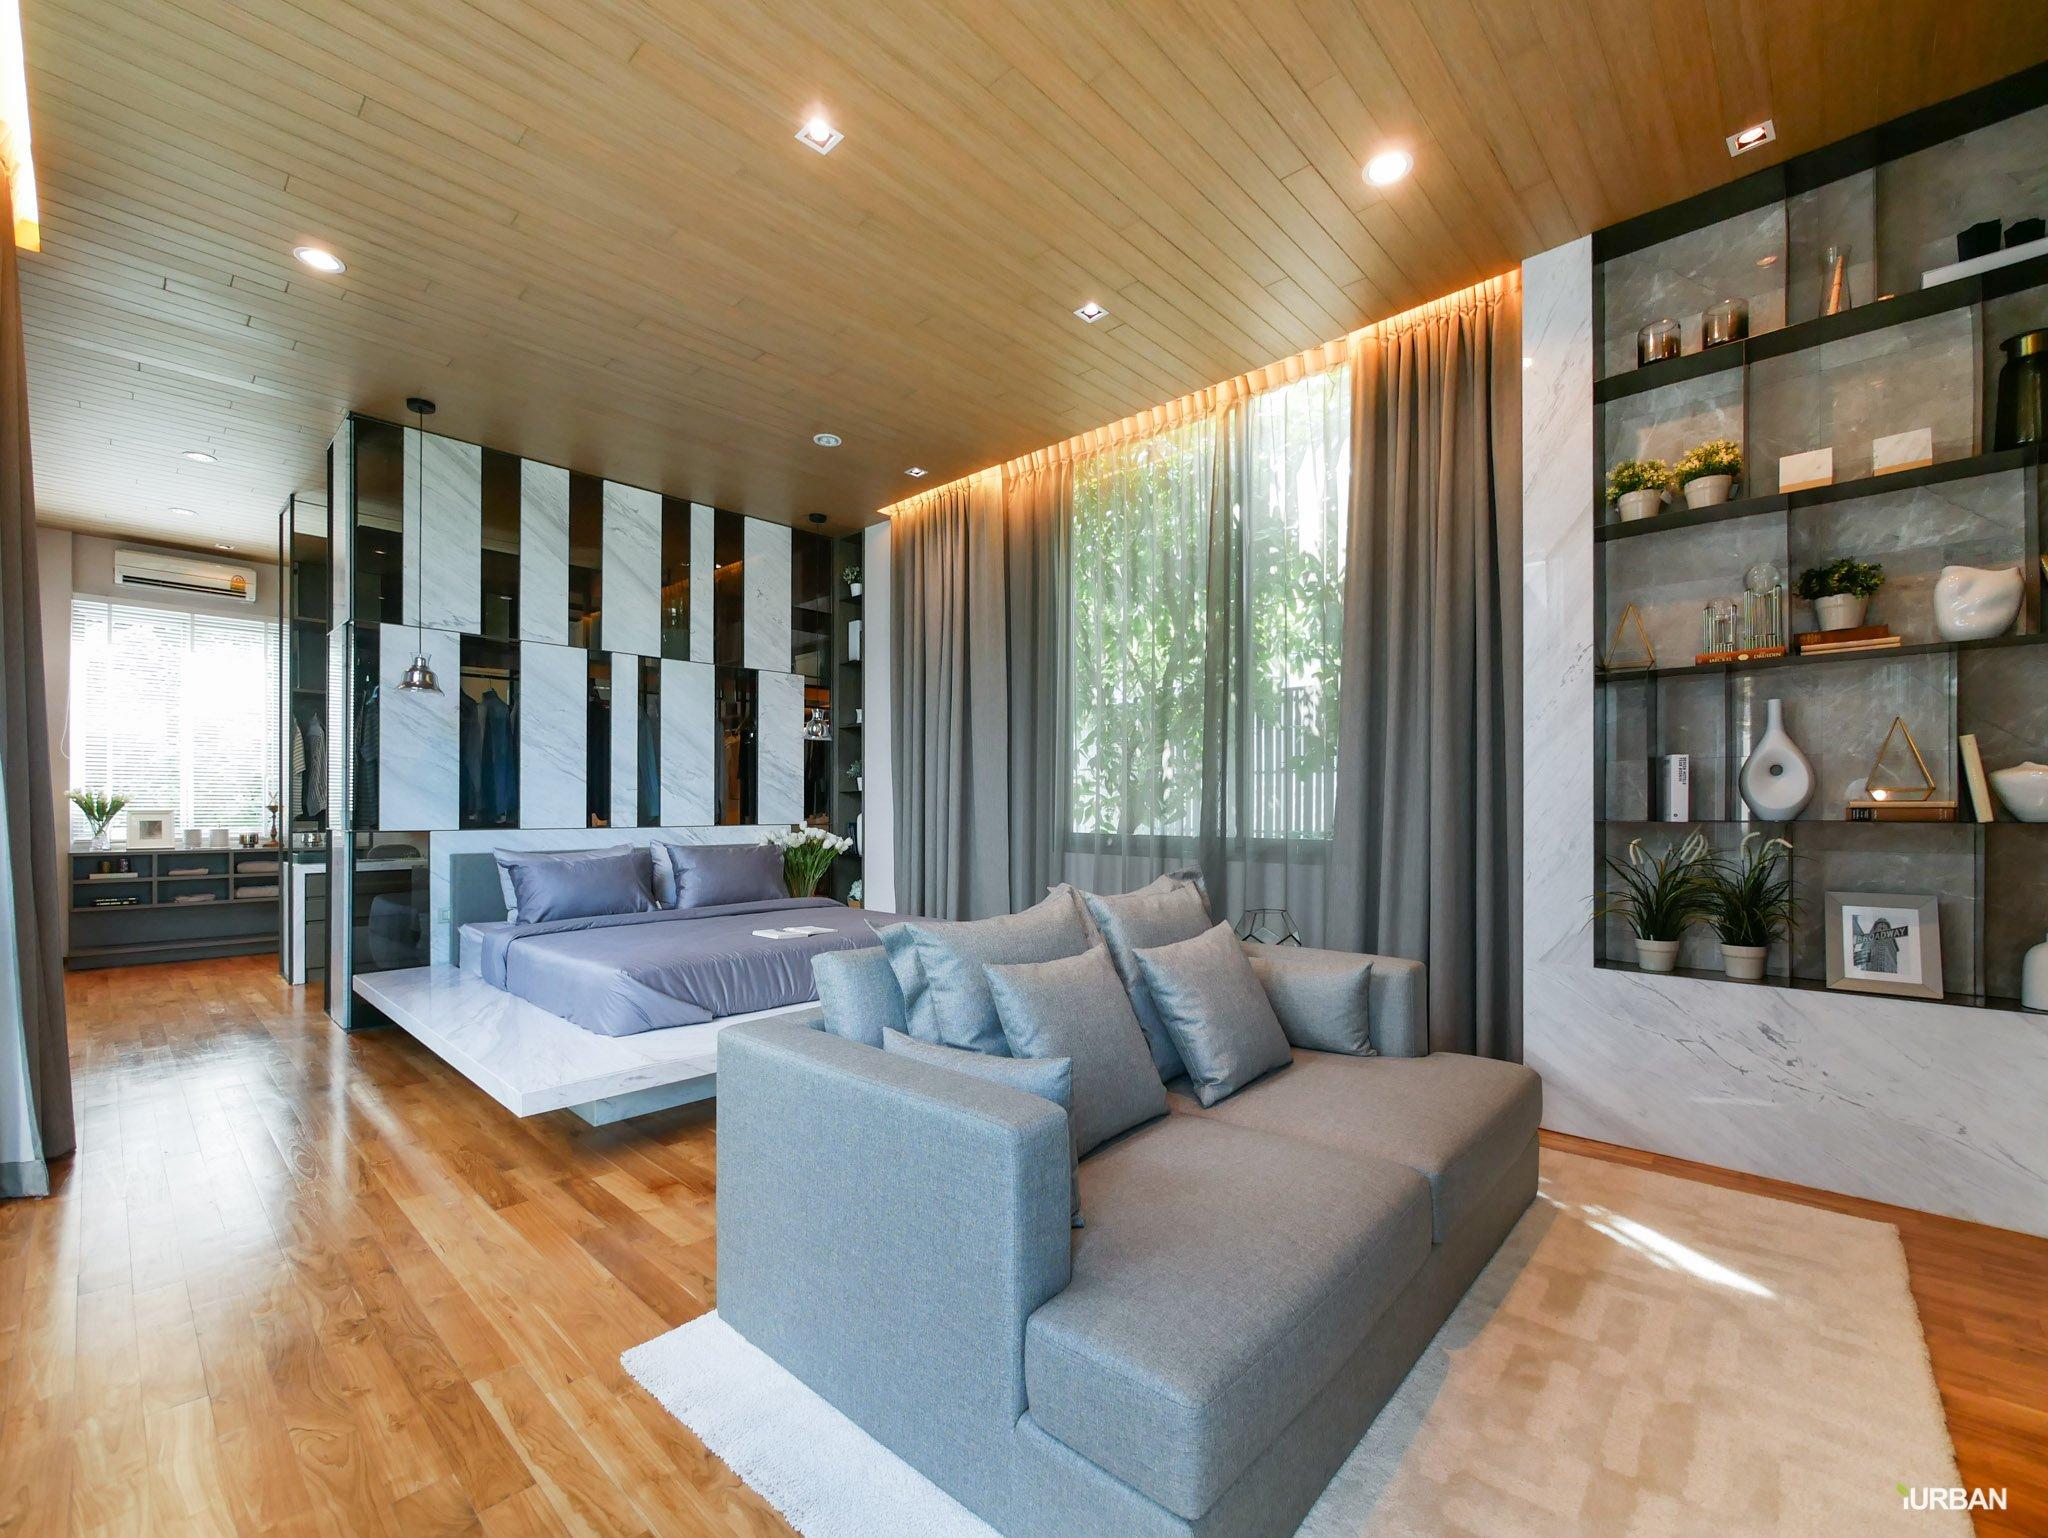 รีวิว Nirvana Beyond พระราม 2 บ้านที่ออกแบบทุกดีเทลเพื่อความสุขทุก GEN ของครอบครัวใหญ่ 111 - Beyond